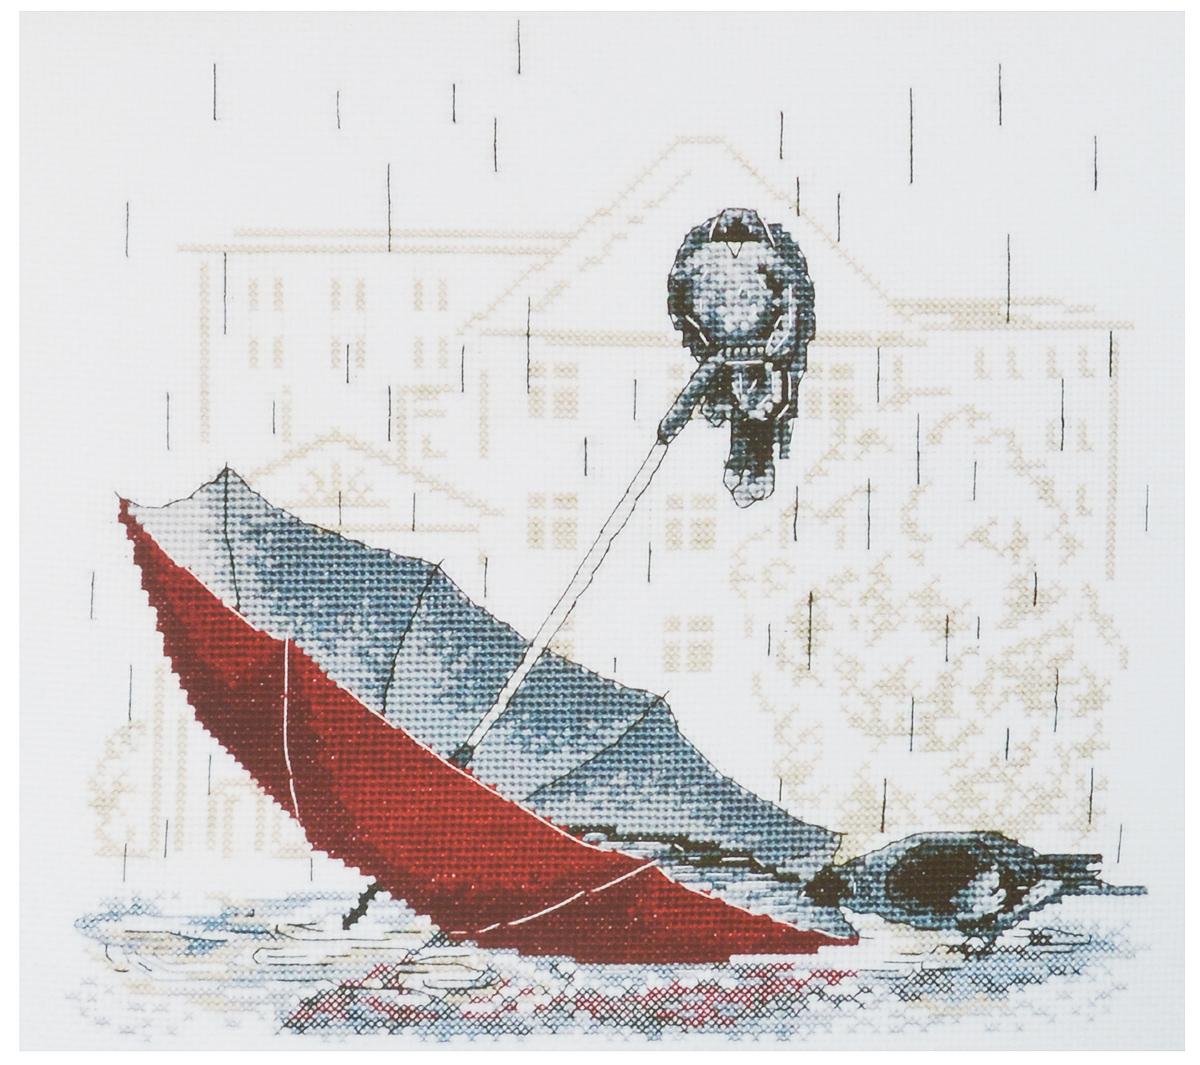 Набор для вышивания крестом Овен Грустный зонтик, 25 х 23 см набор для вышивания крестом овен гламурка 25 х 25 см 562137